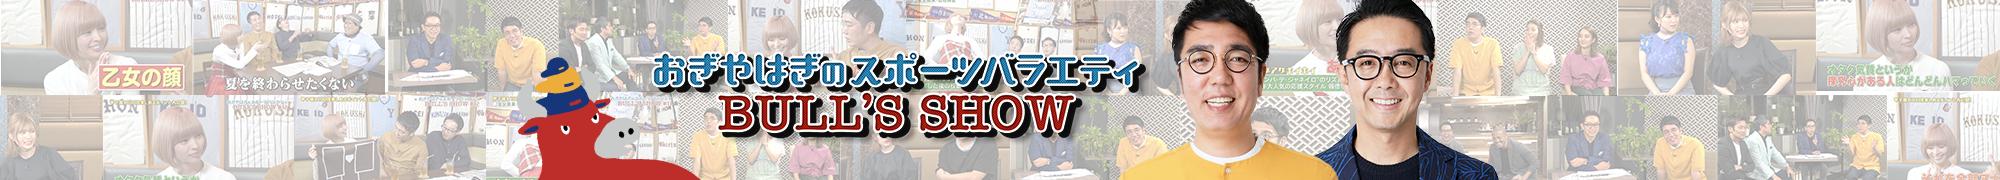 おぎやはぎのスポーツバラエティ「BULL'S LIVE SHOW」。この番組は毎月2回、MCおぎやはぎとスペシャルゲストたちがお届けする生配信番組!今回は2019年最後の放送という…